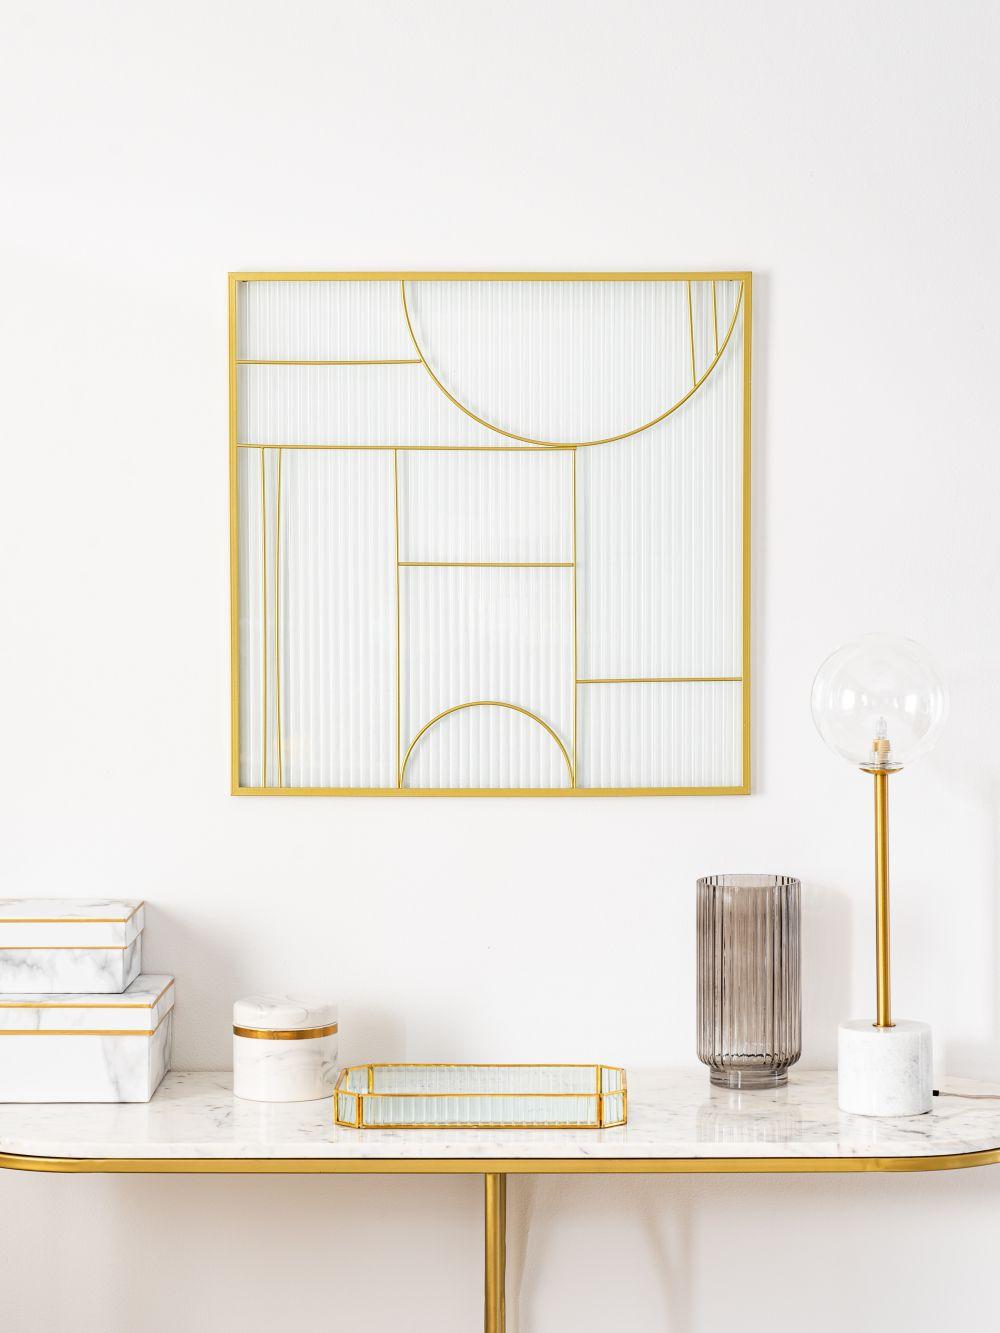 Déco murale en métal doré et verre 60x60